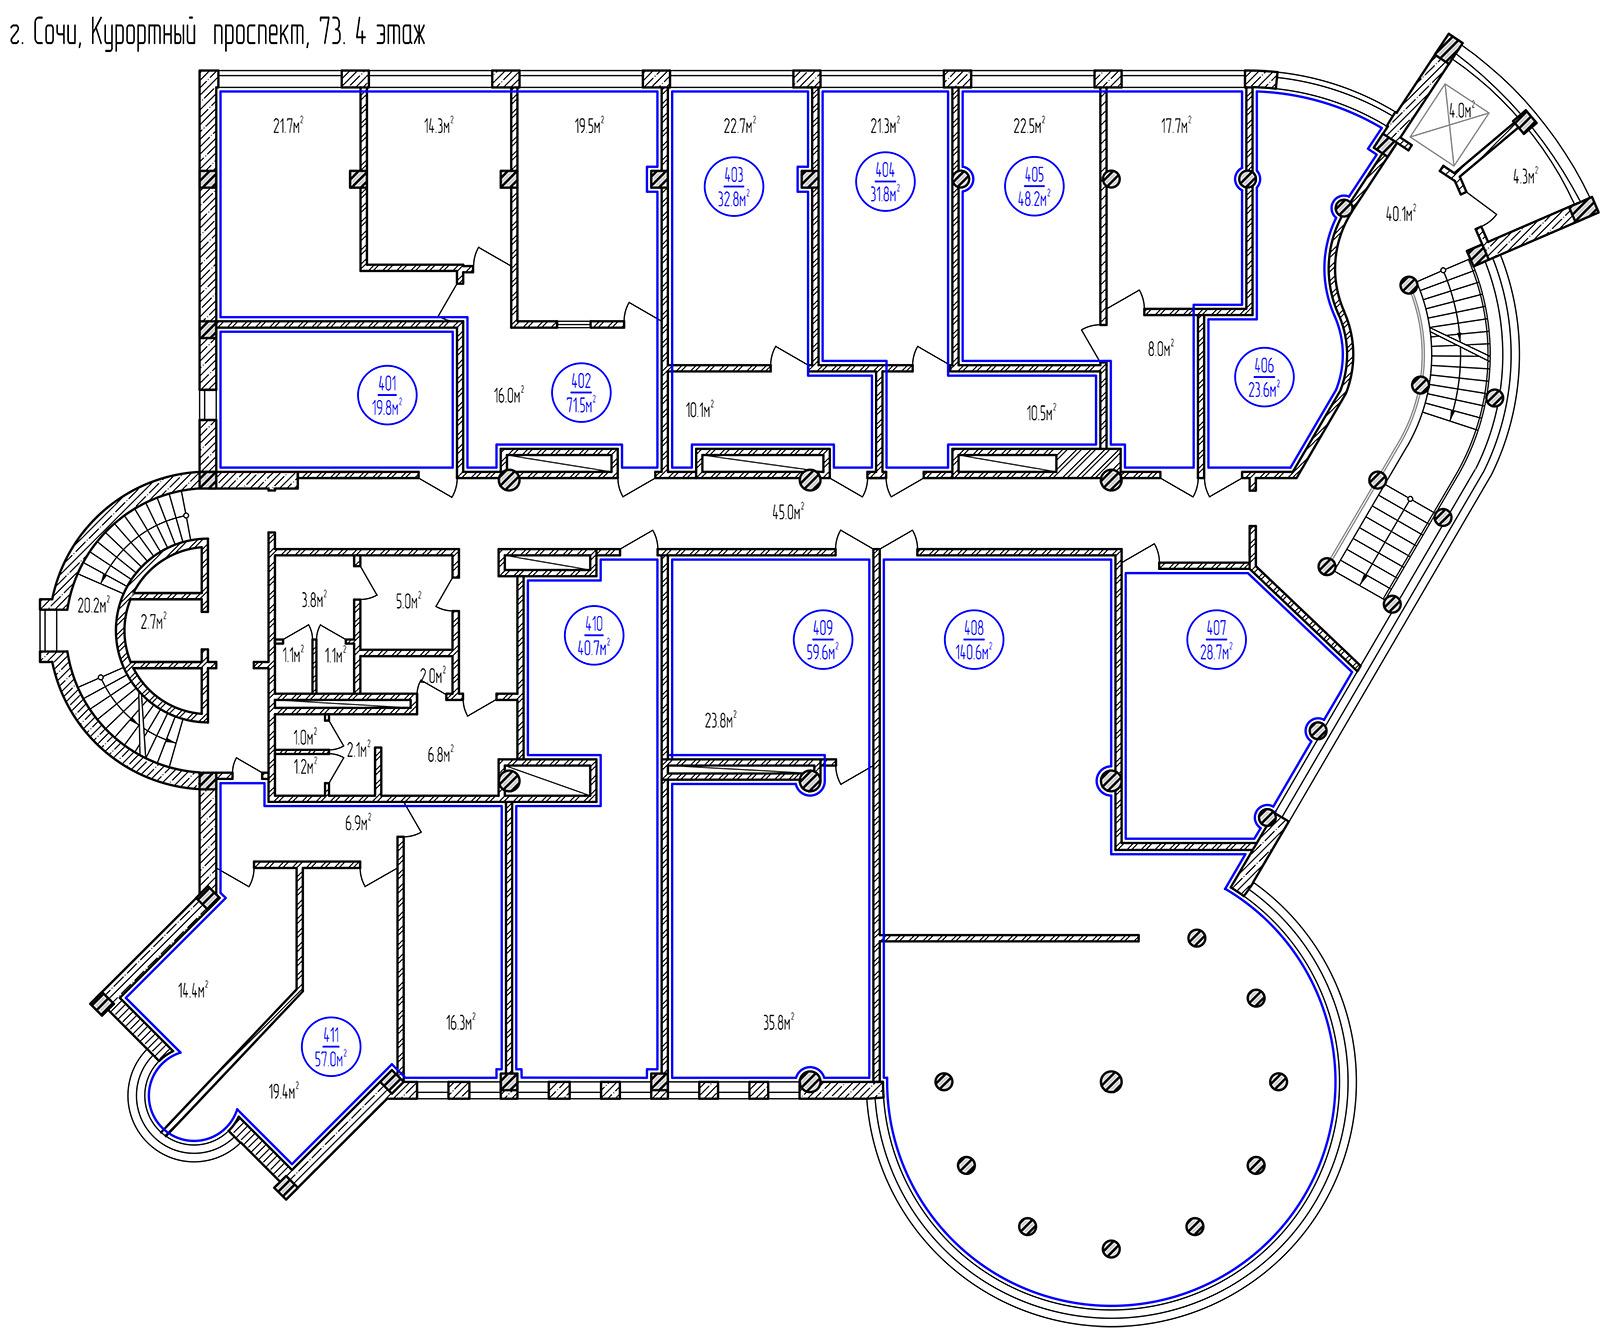 Планировка: этаж 4